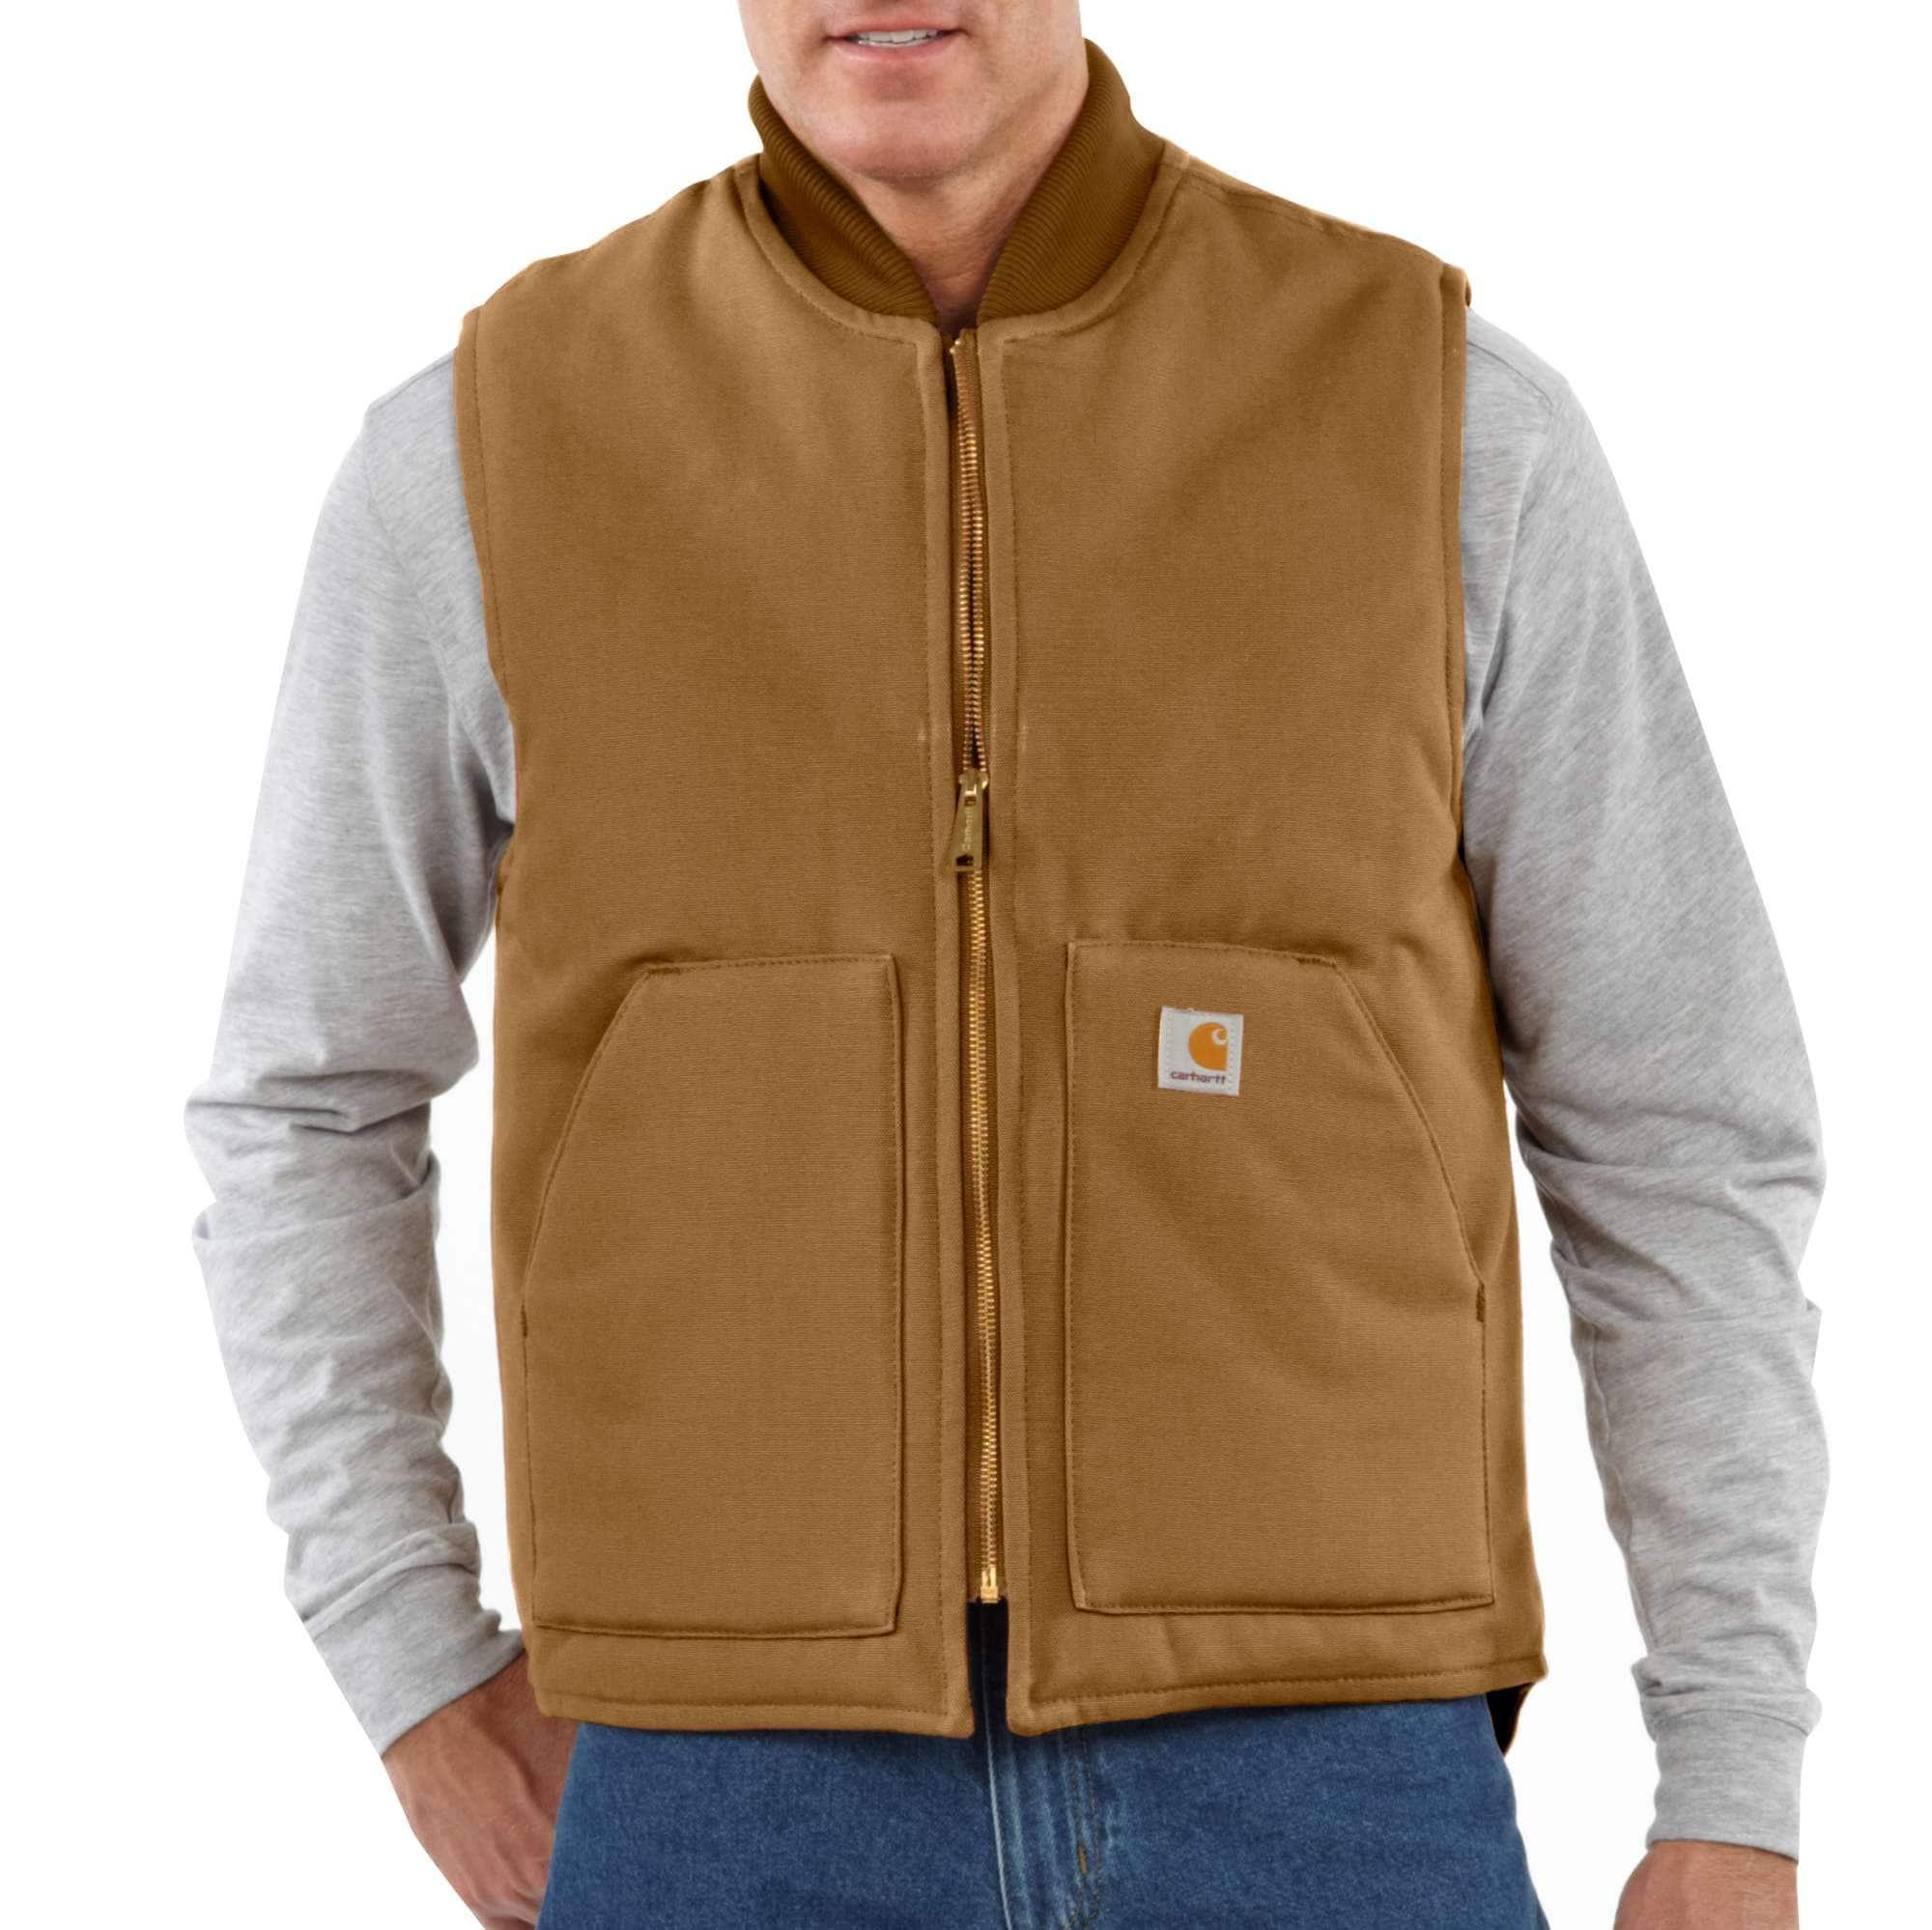 Carhartt Vest Black Friday